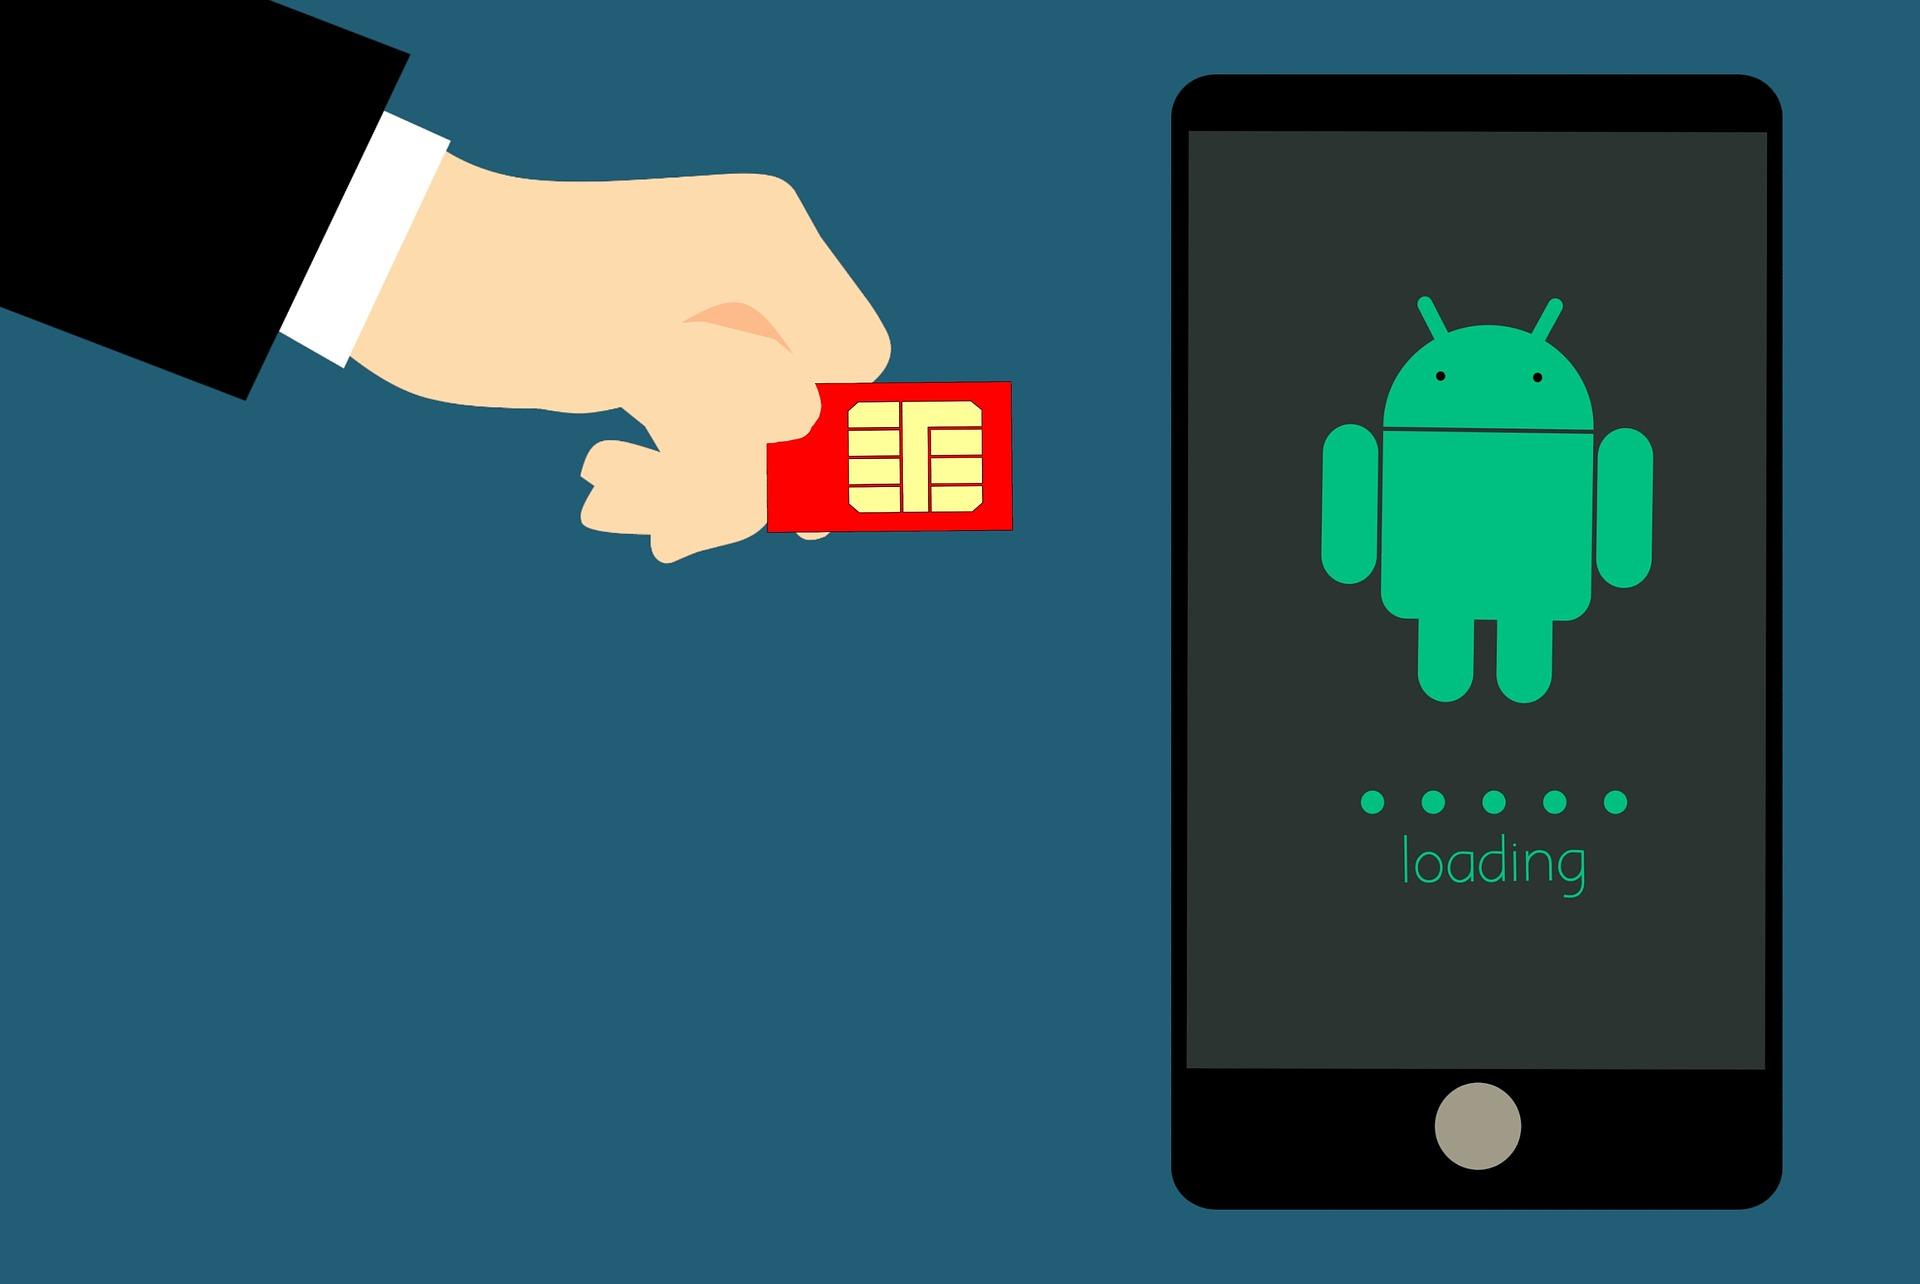 格安SIM|Biglobeモバイルの料金プラン比較と機種変更・乗り換え・解約手順